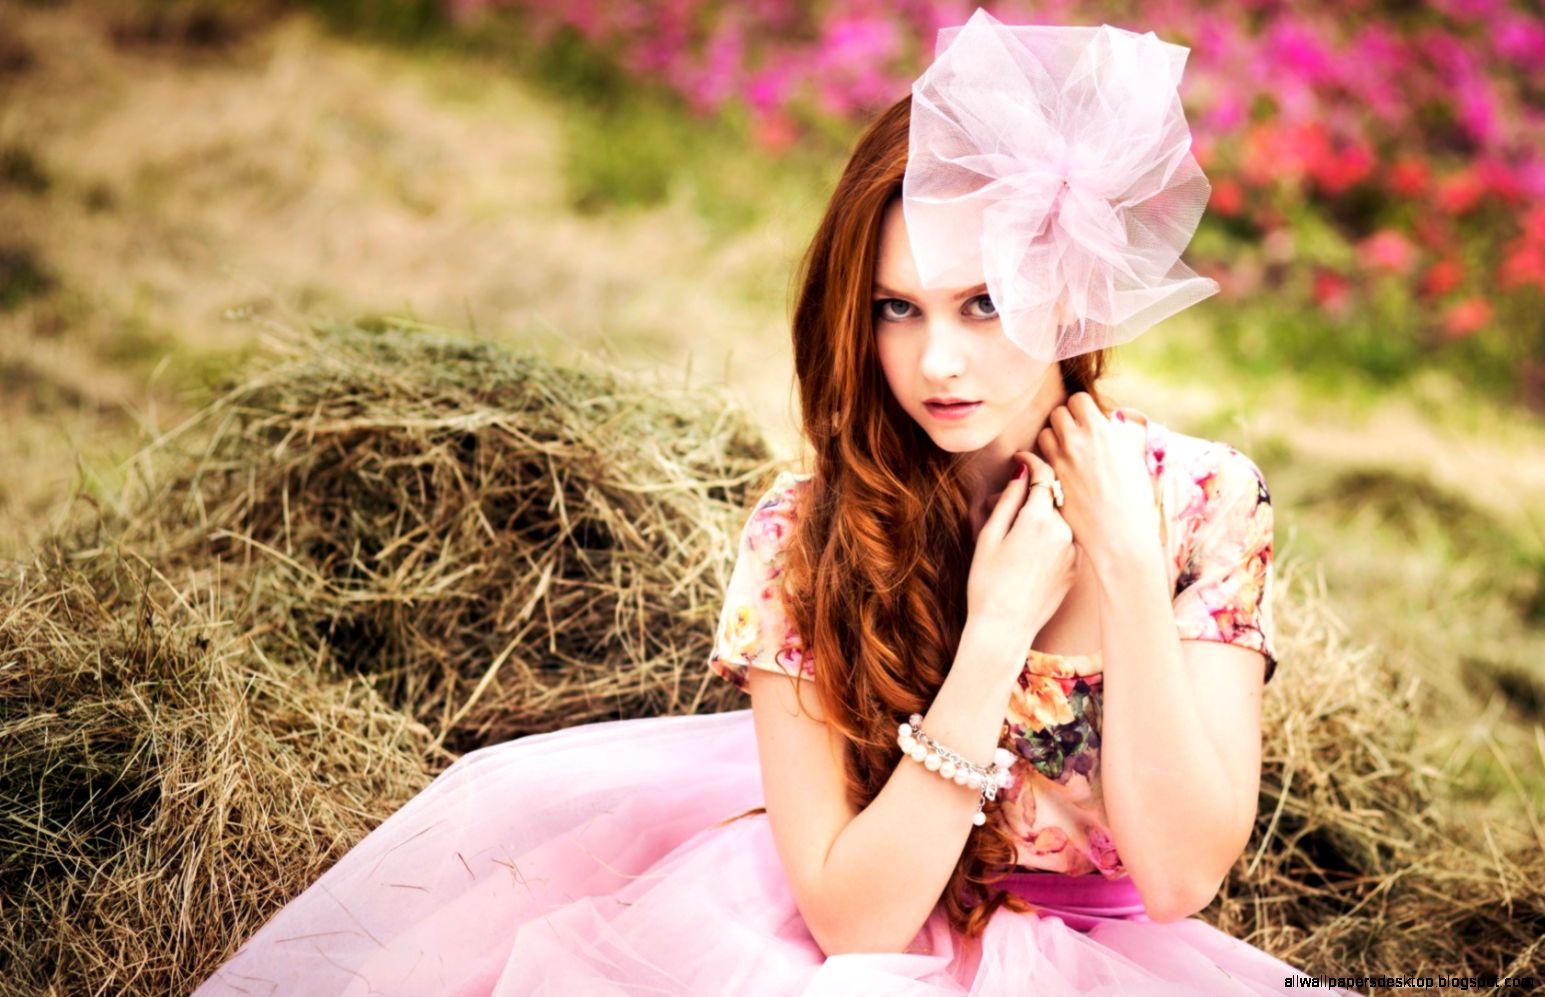 Lovely Dress Redhead Girl 6927844